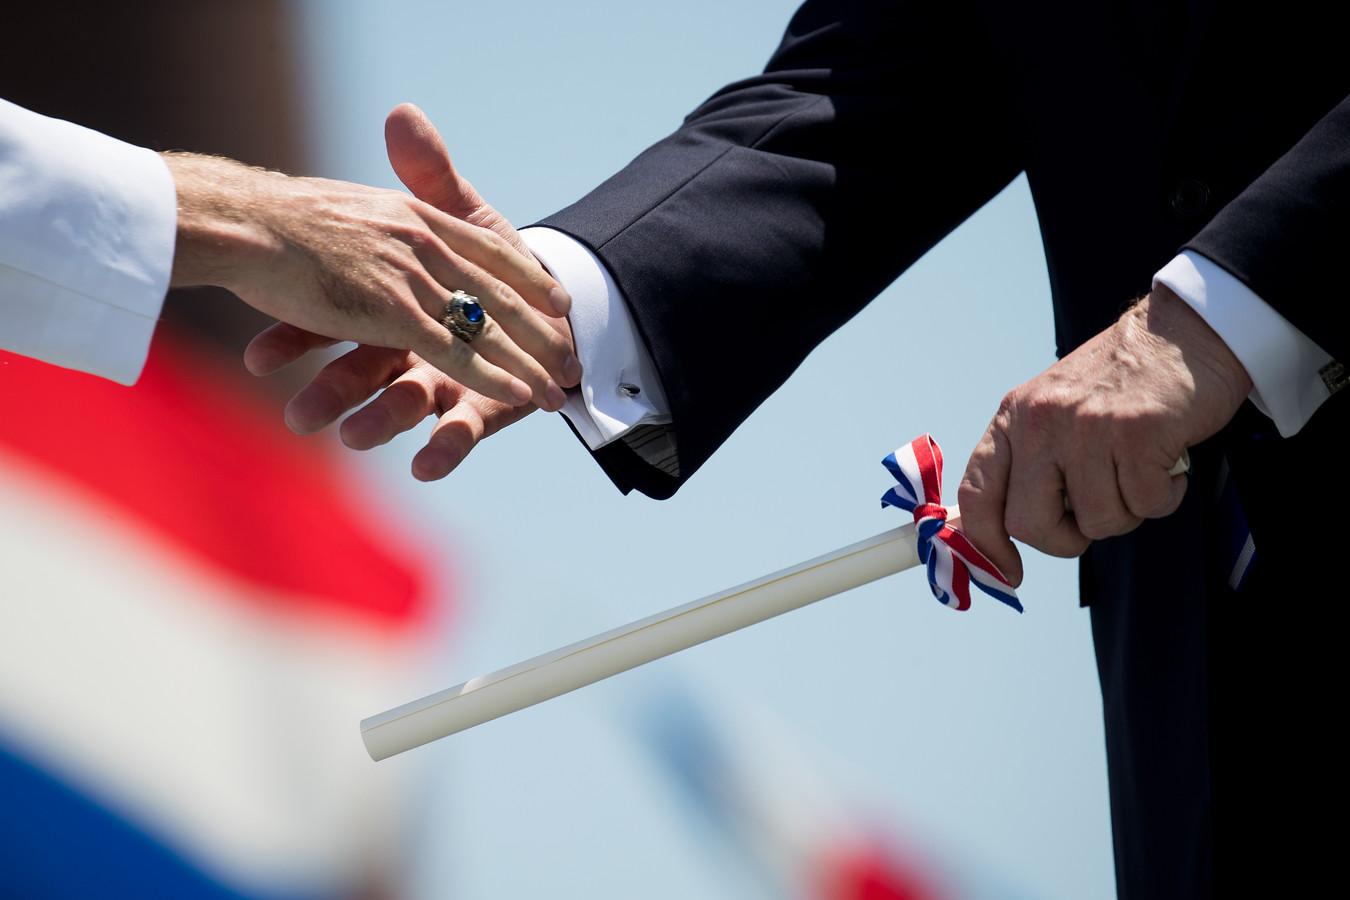 Een Nederlands mbo-diploma moet straks ook geldig zijn in Duitsland.